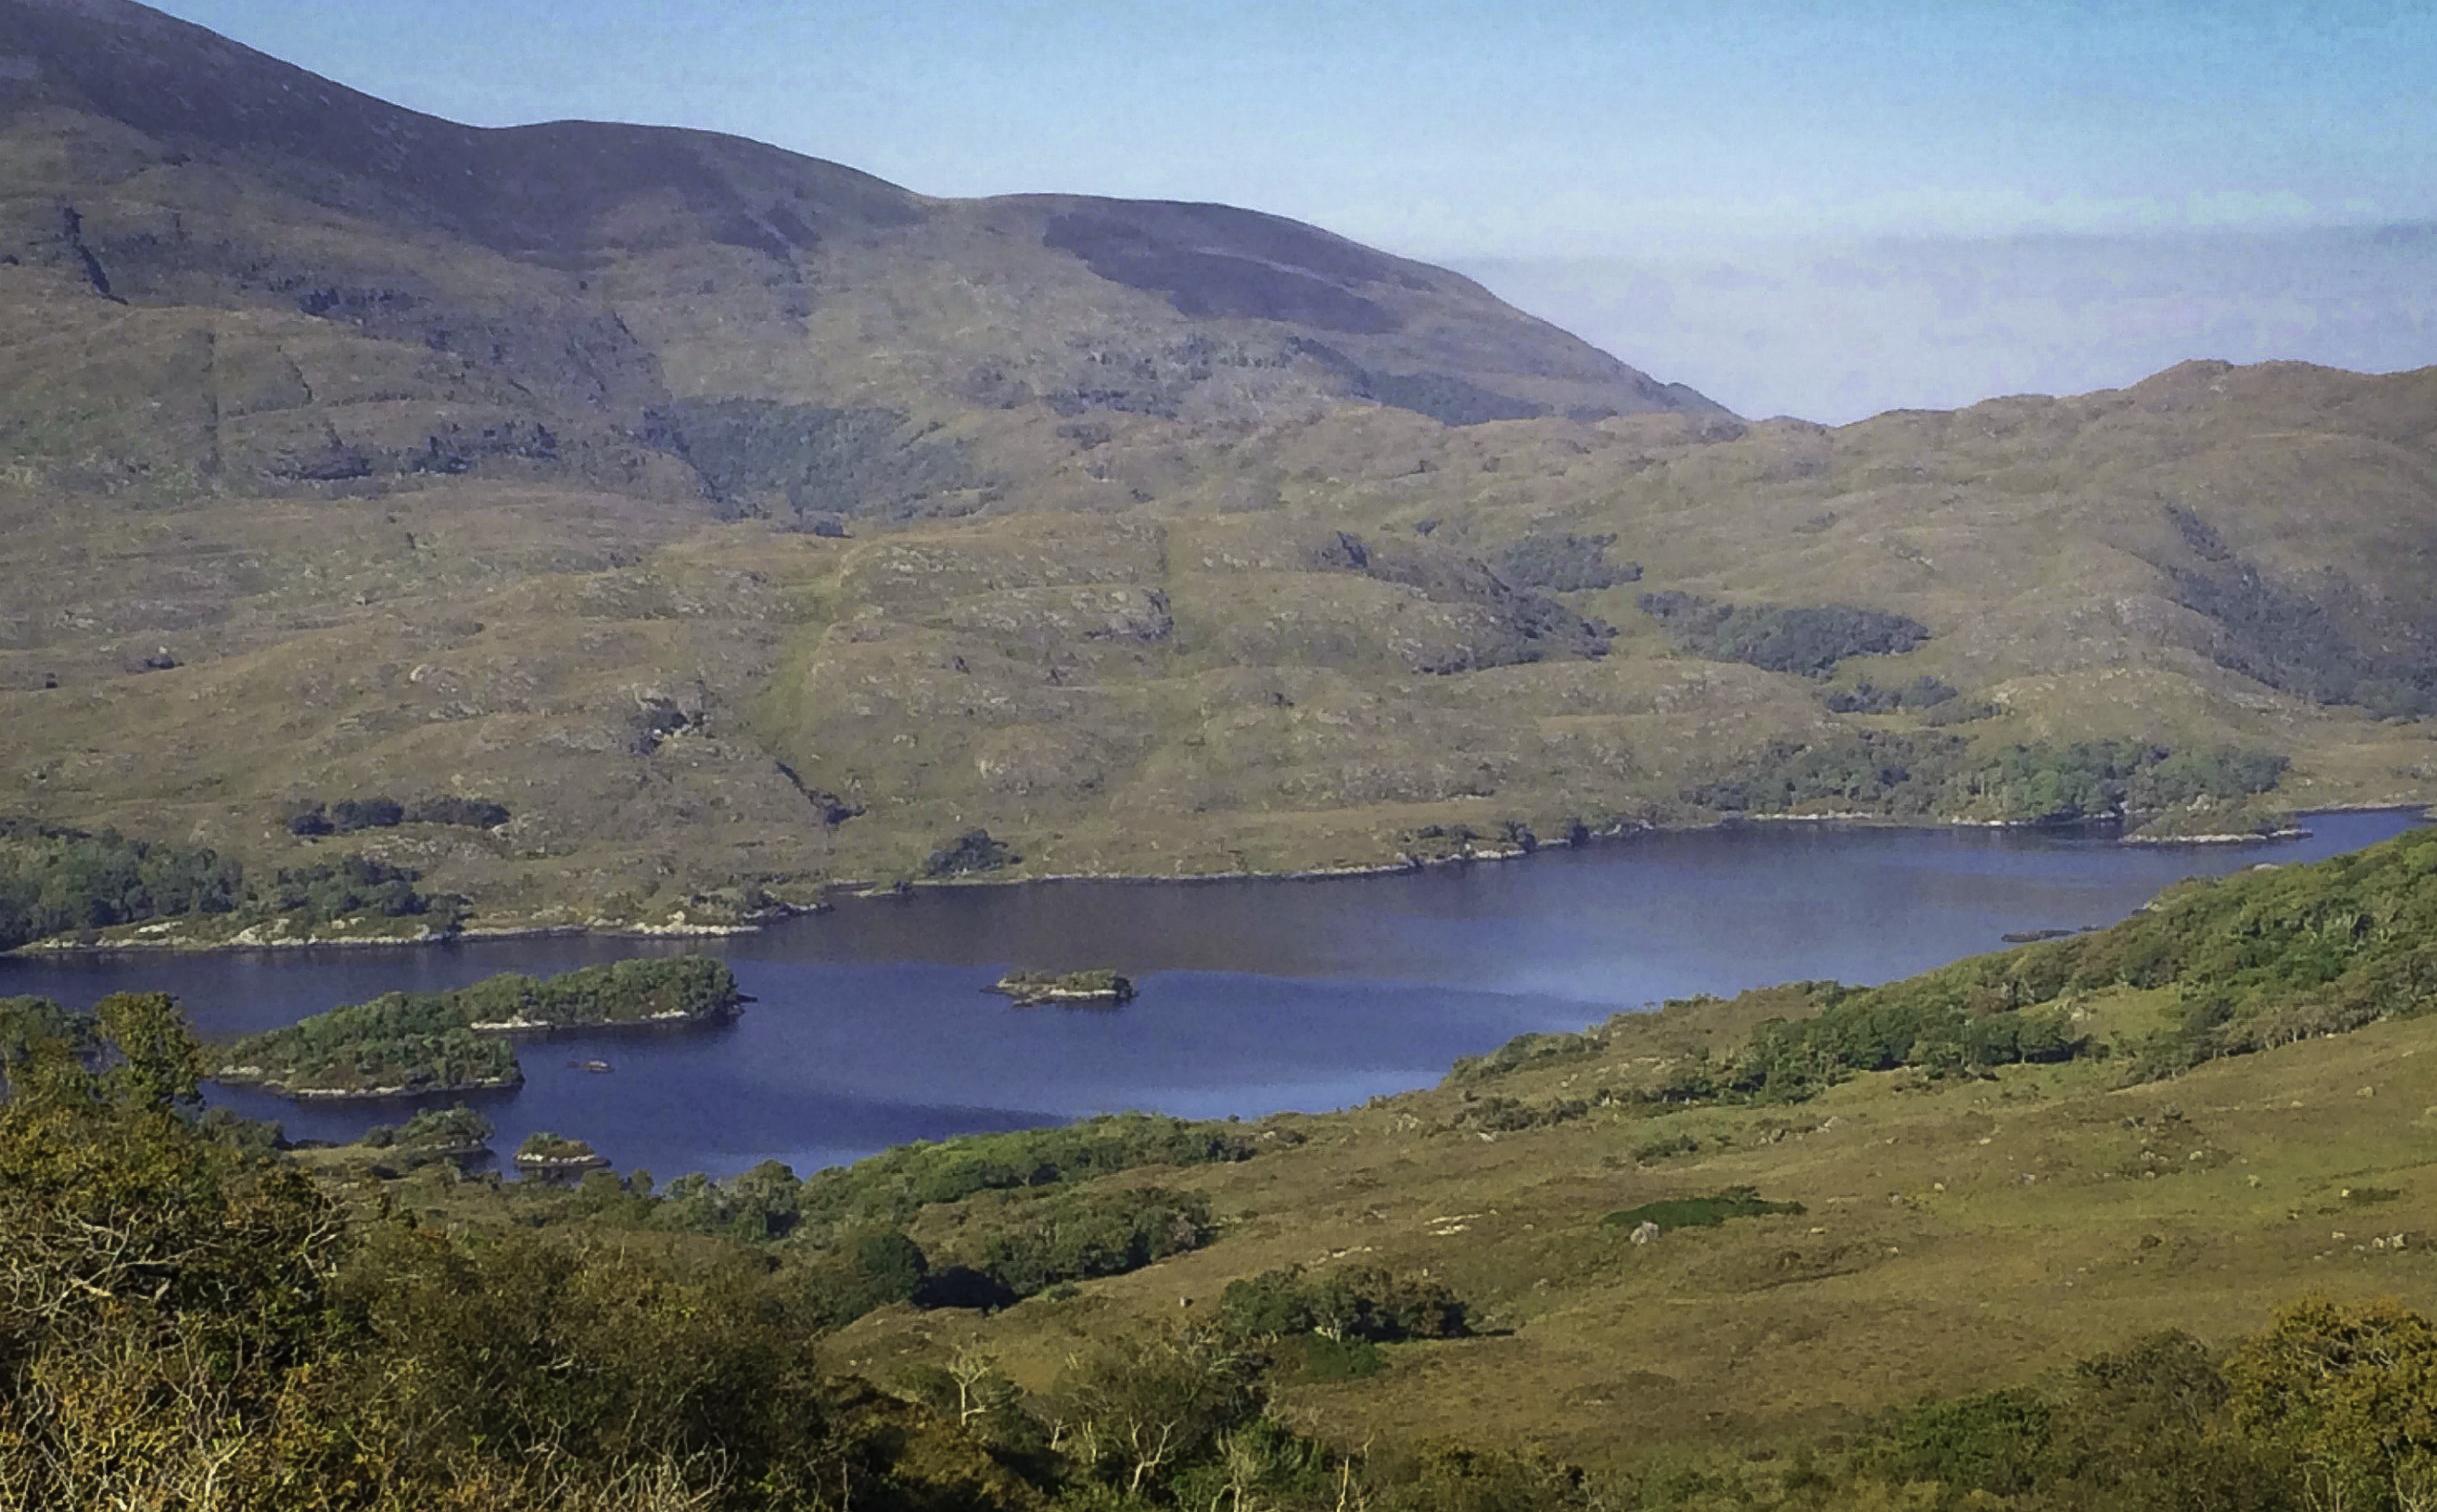 Ring of Kerry Lake, Ireland